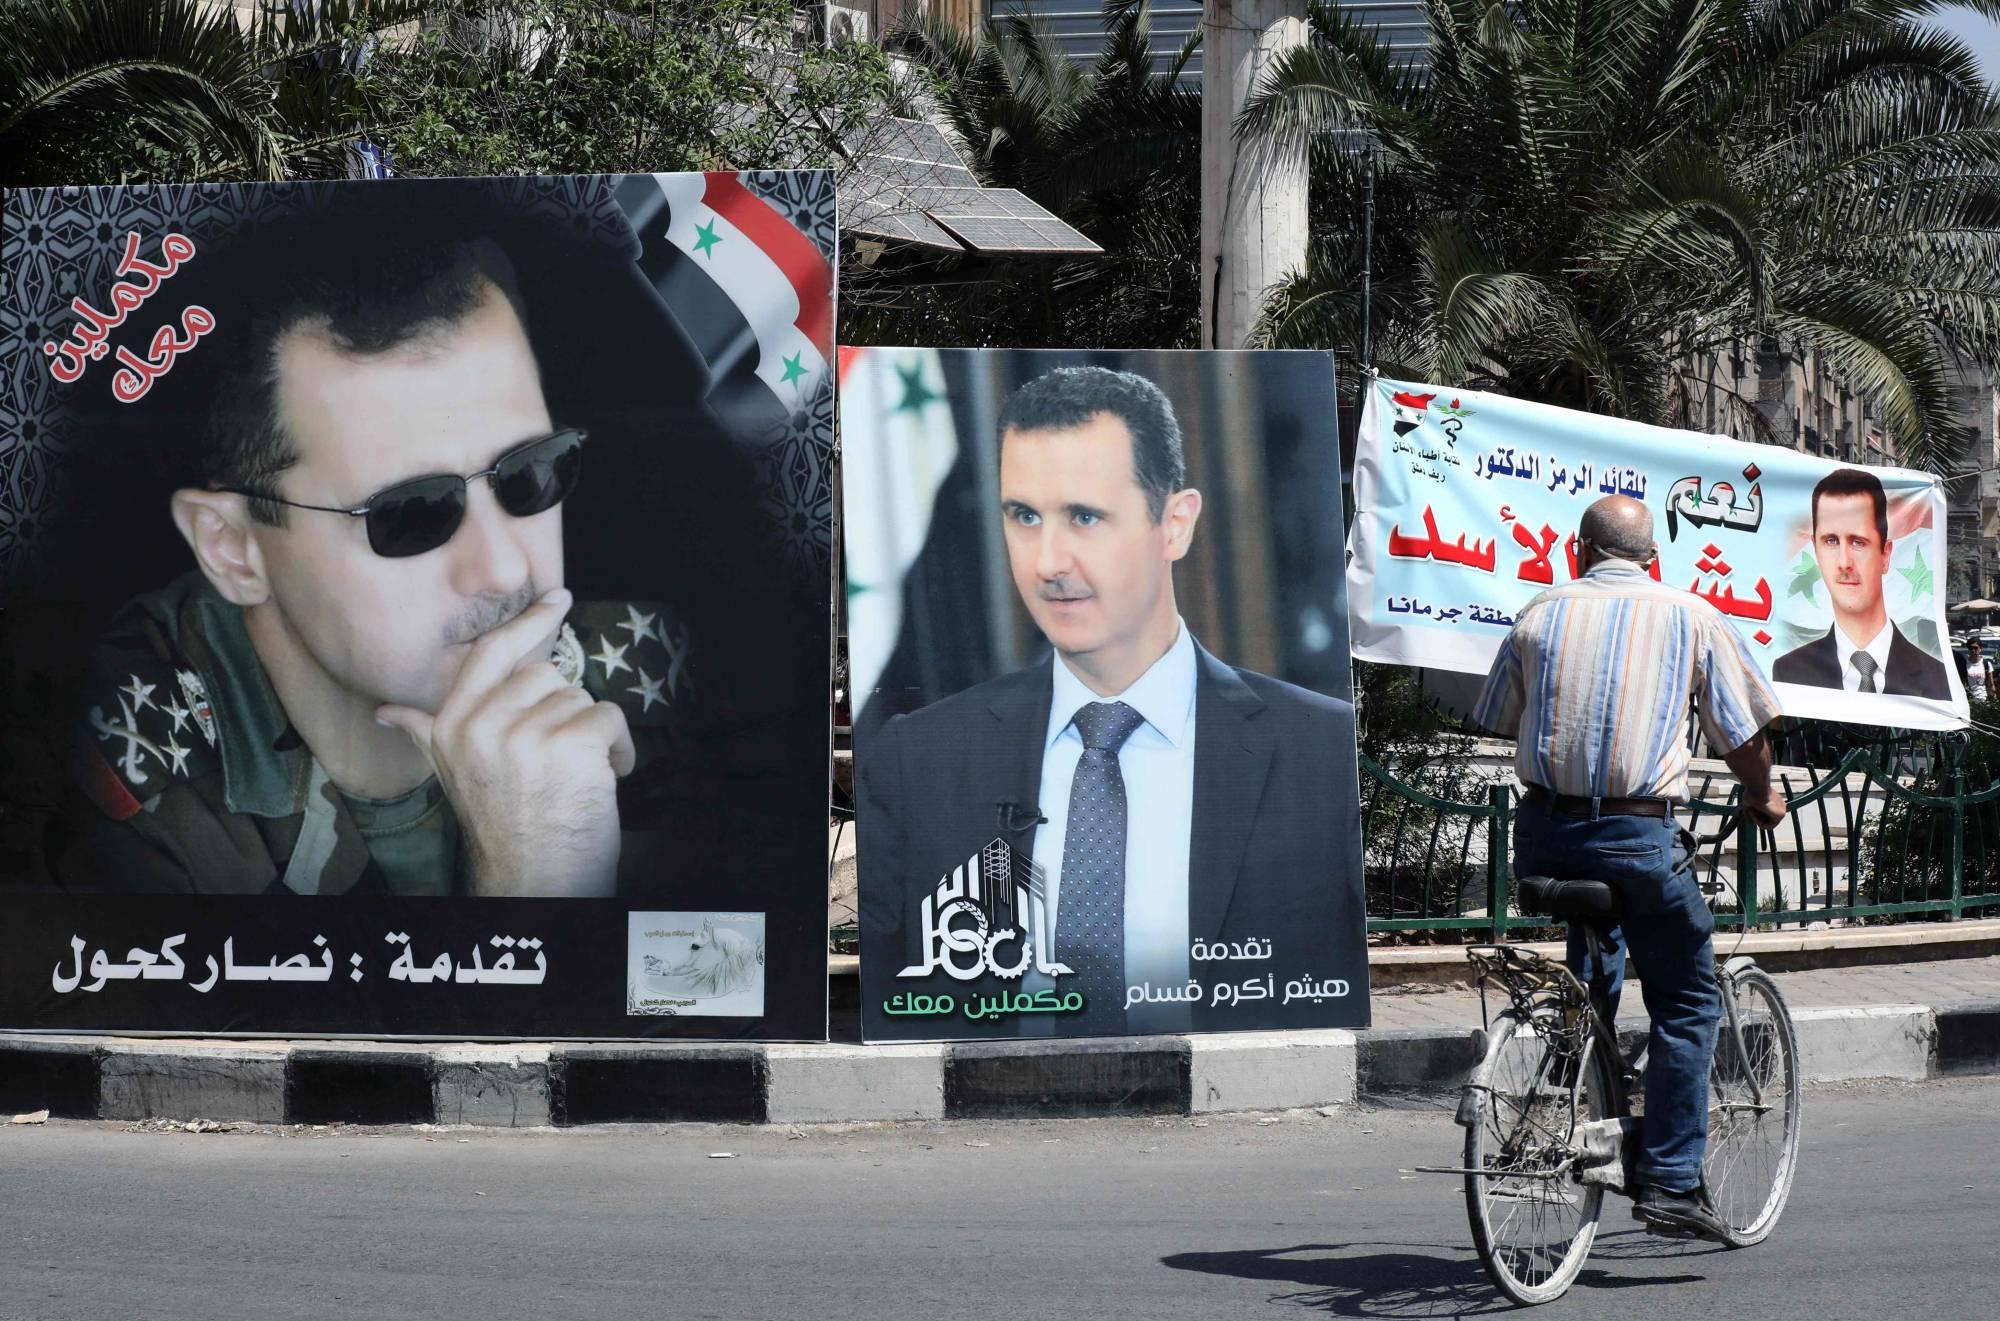 تشریفات انتخاباتی و انتخابات تشریفاتی/ در سوریه چه خبر است؟